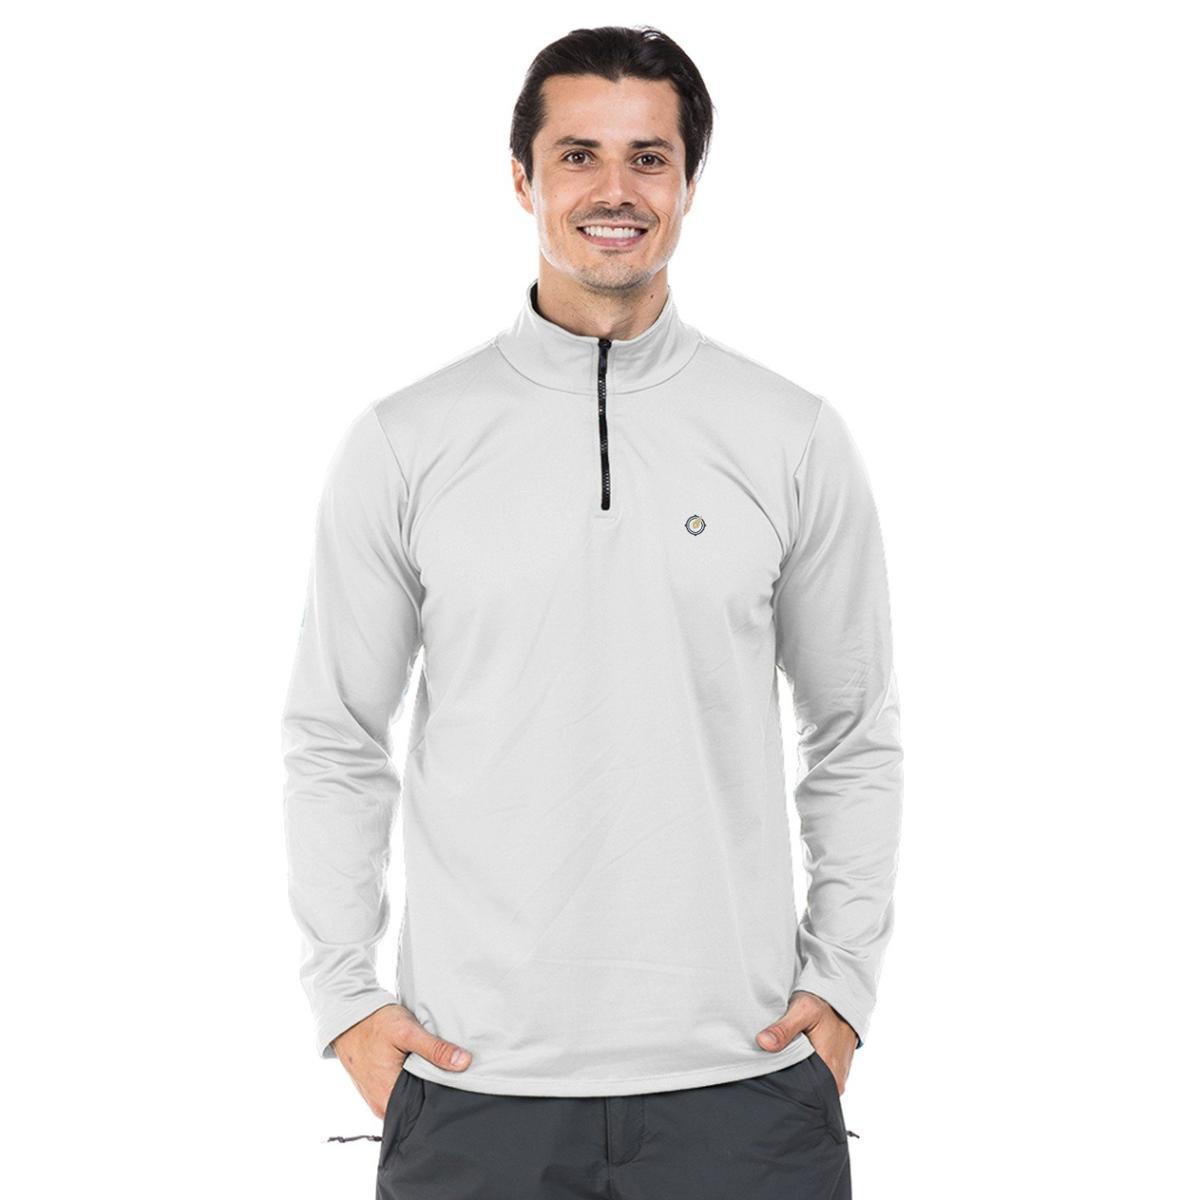 54b291b85f Camisa Térmica para Frio com Gola Alta Extreme UV - Branco - Compre Agora